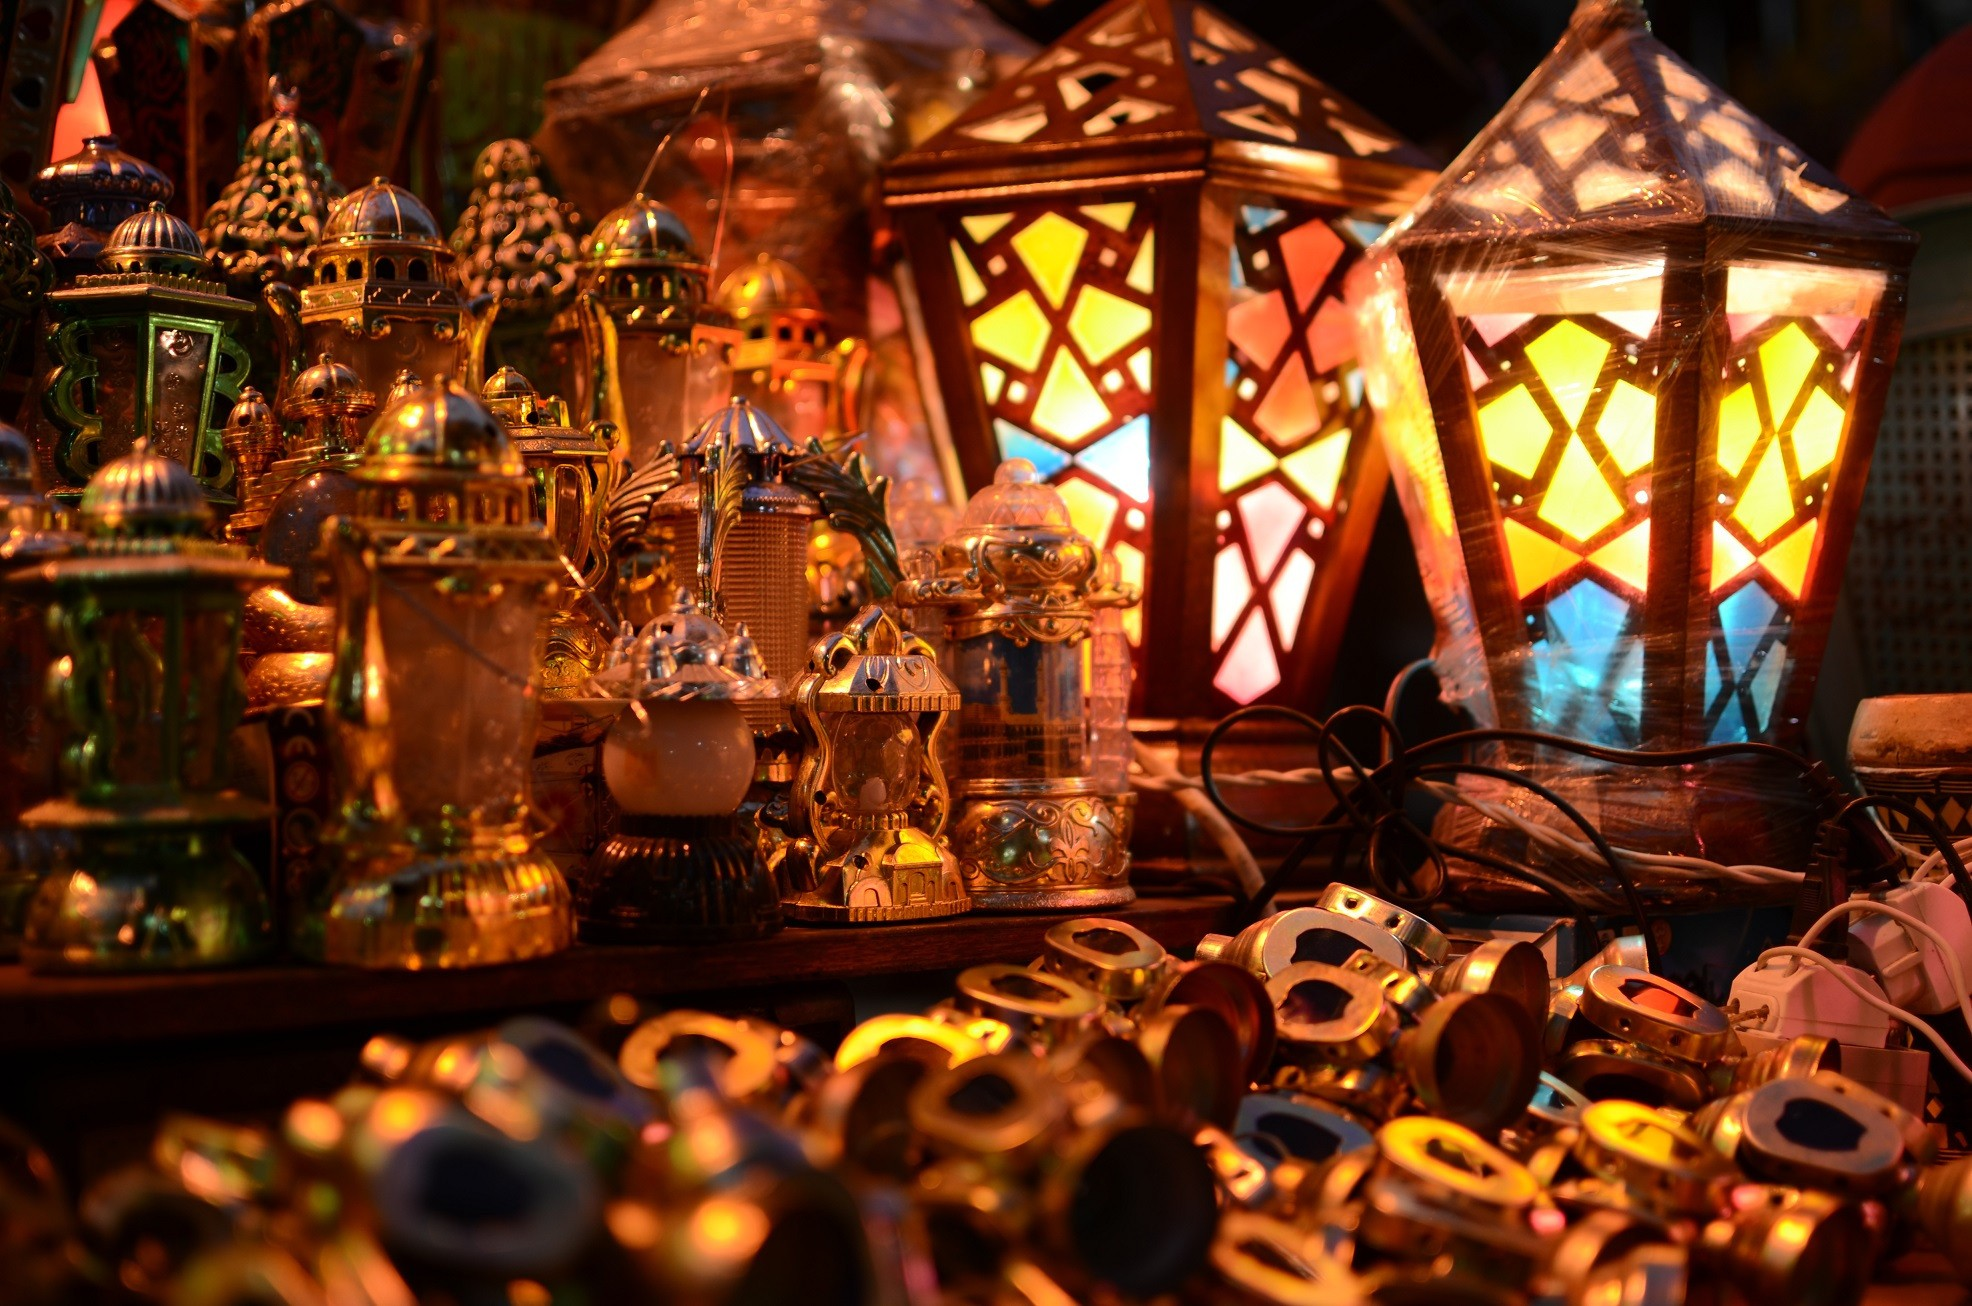 Можно ли в качестве махра обещать жене поездку в хадж?